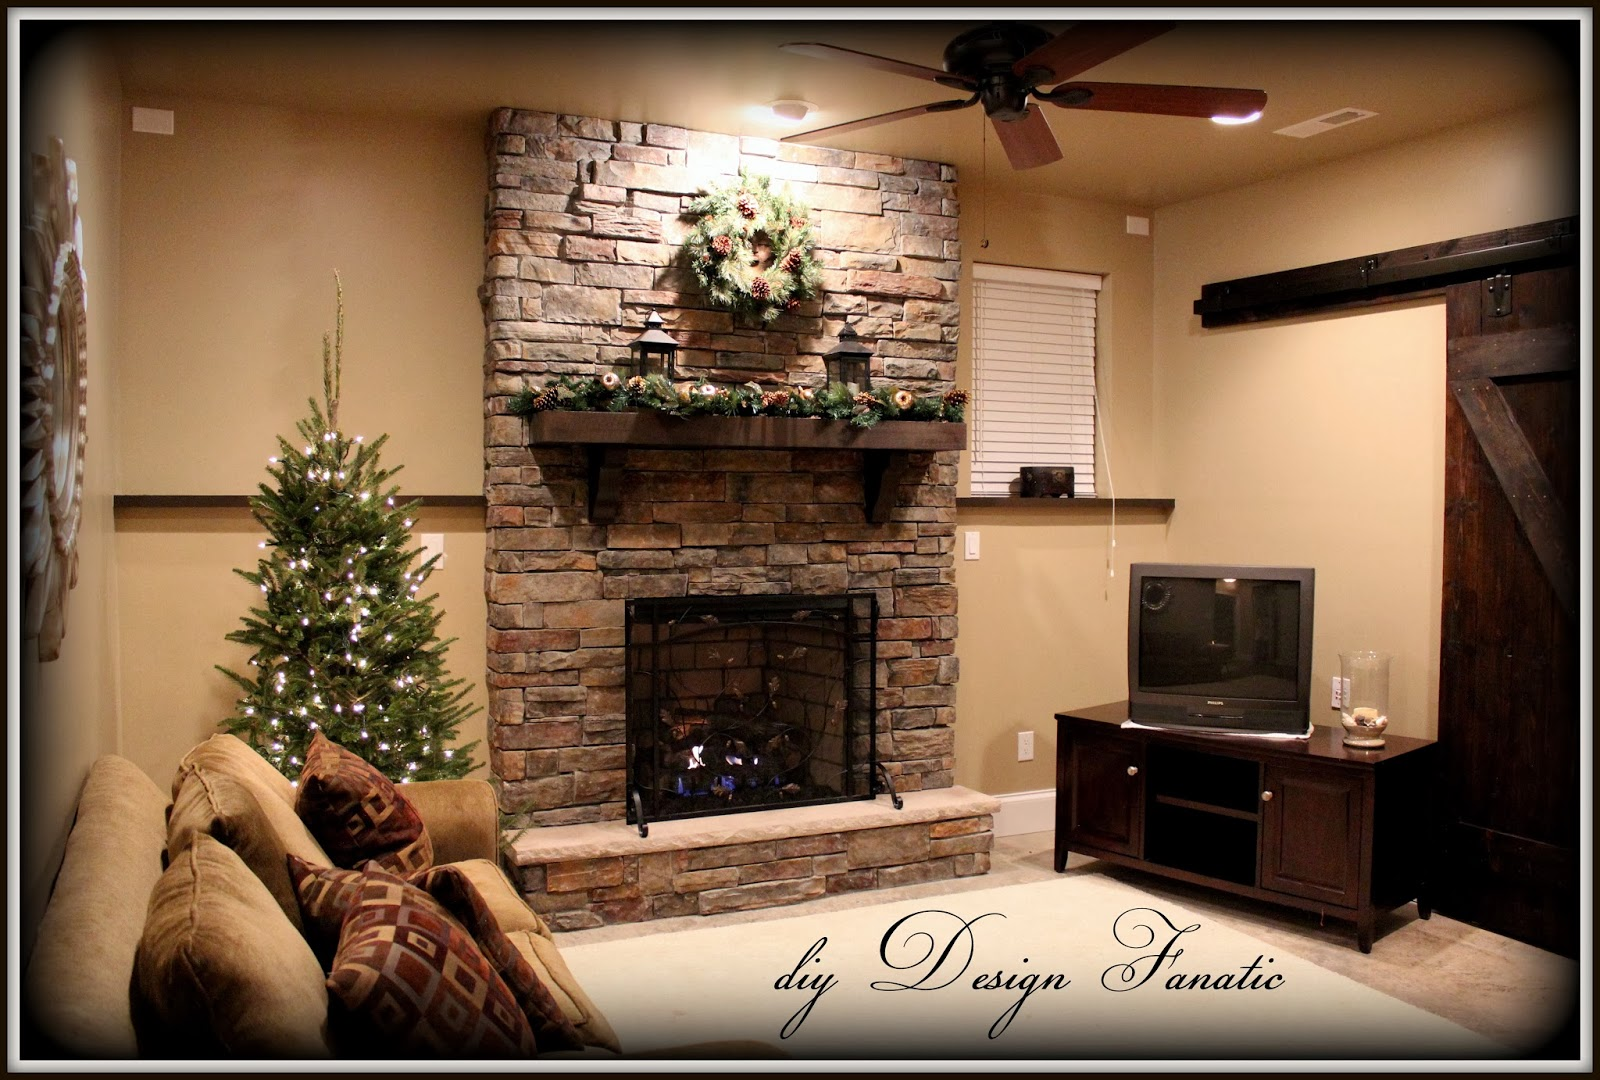 home salon design. Wednesday  November 20 2013 diy Design Fanatic